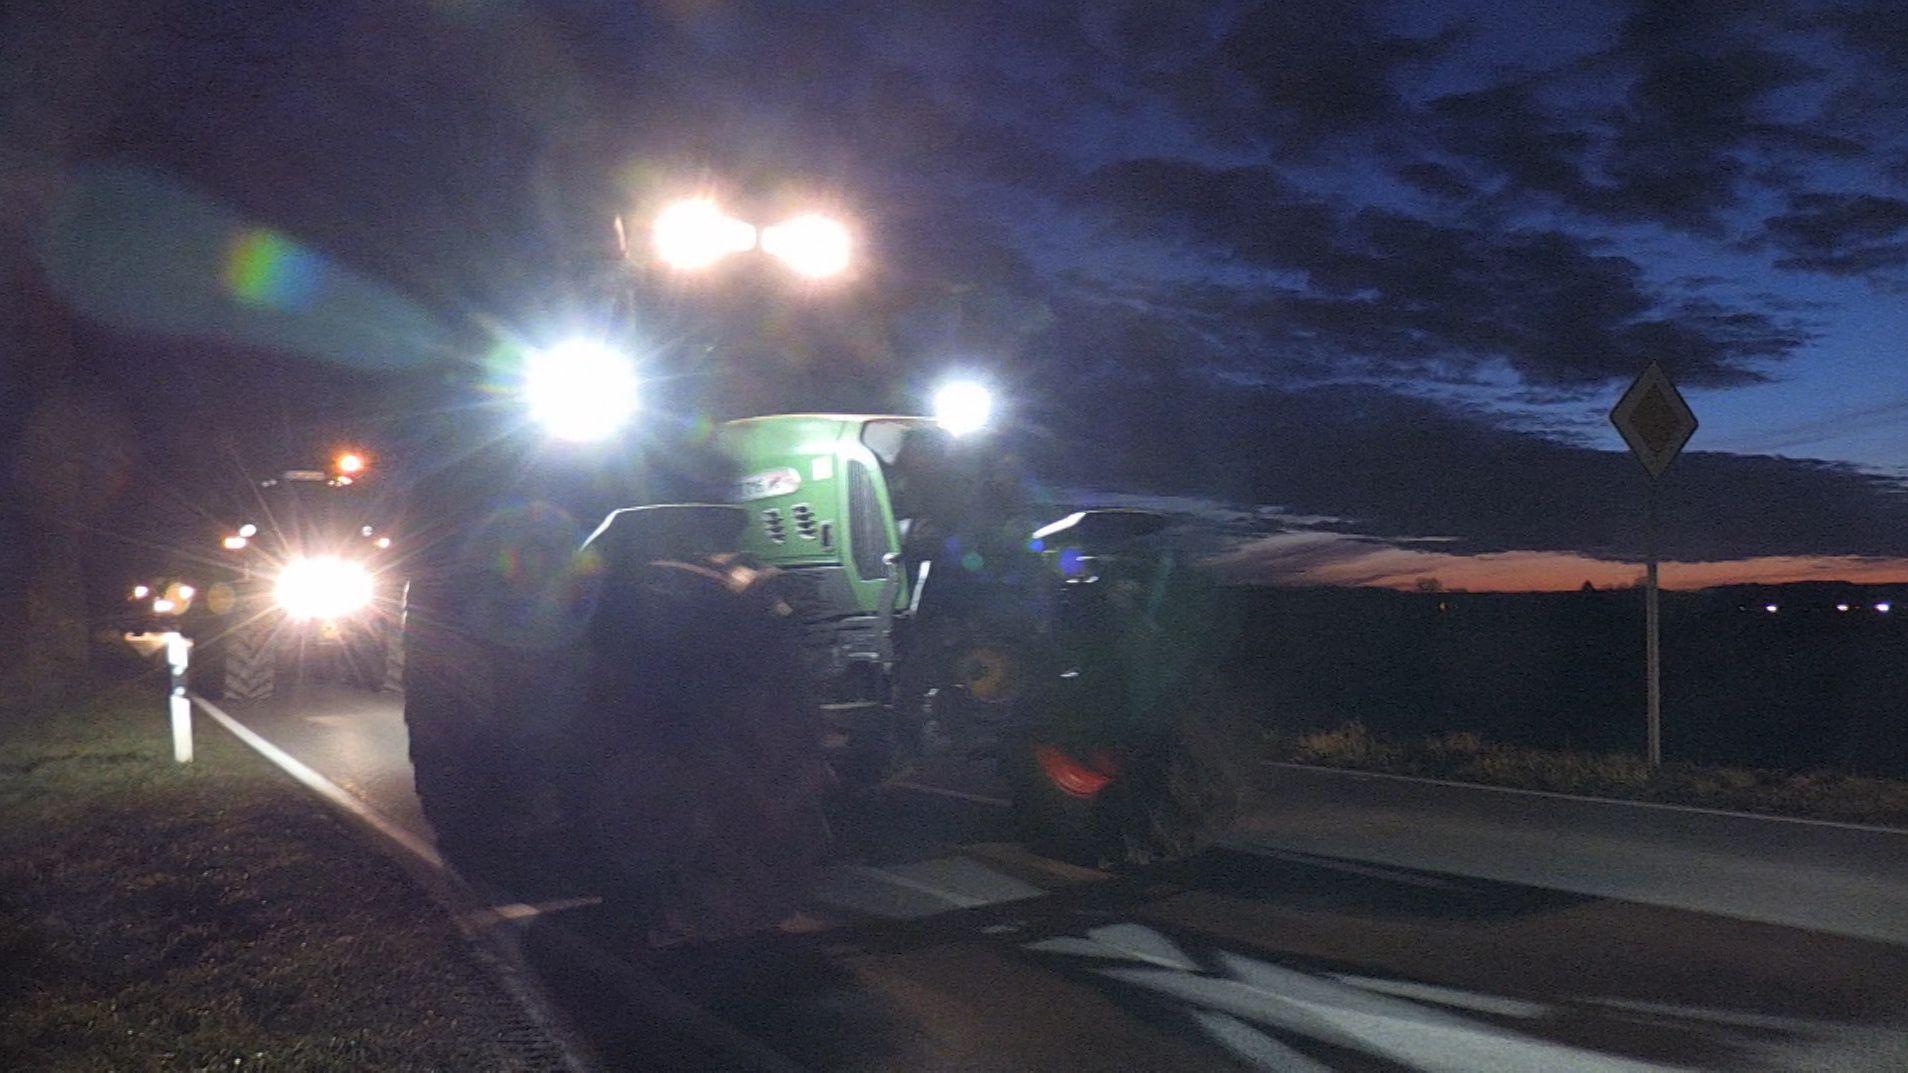 Traktoren eines Schlepper-Flashmobs nachts auf der Straße